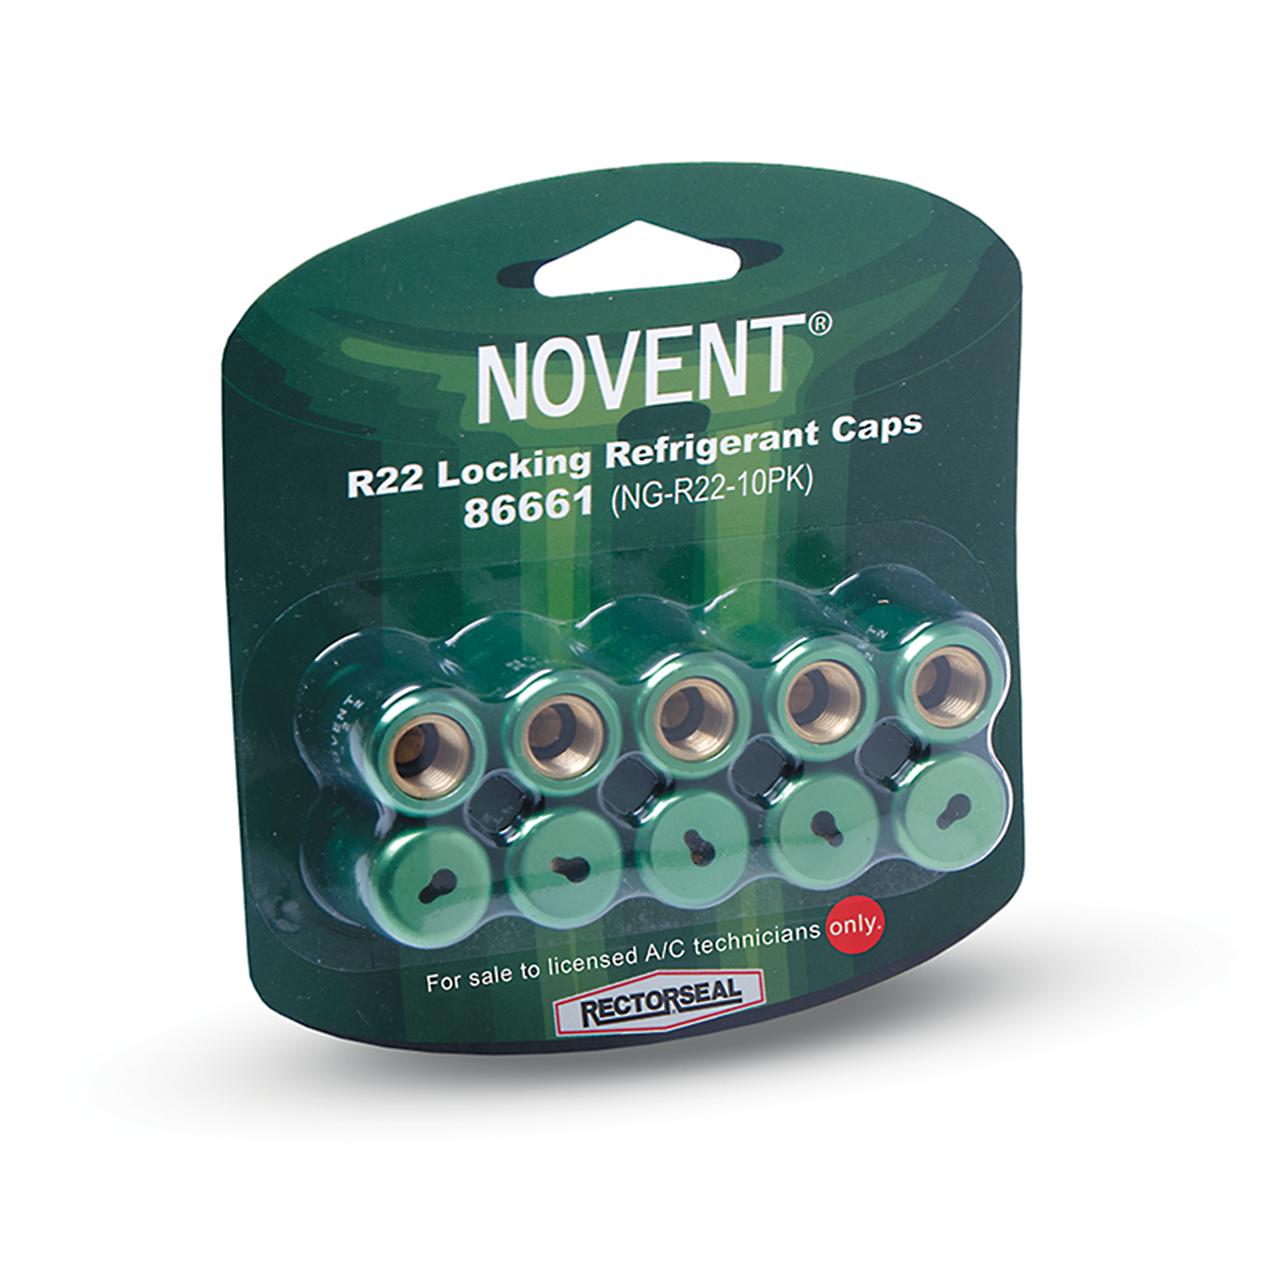 Novent Green